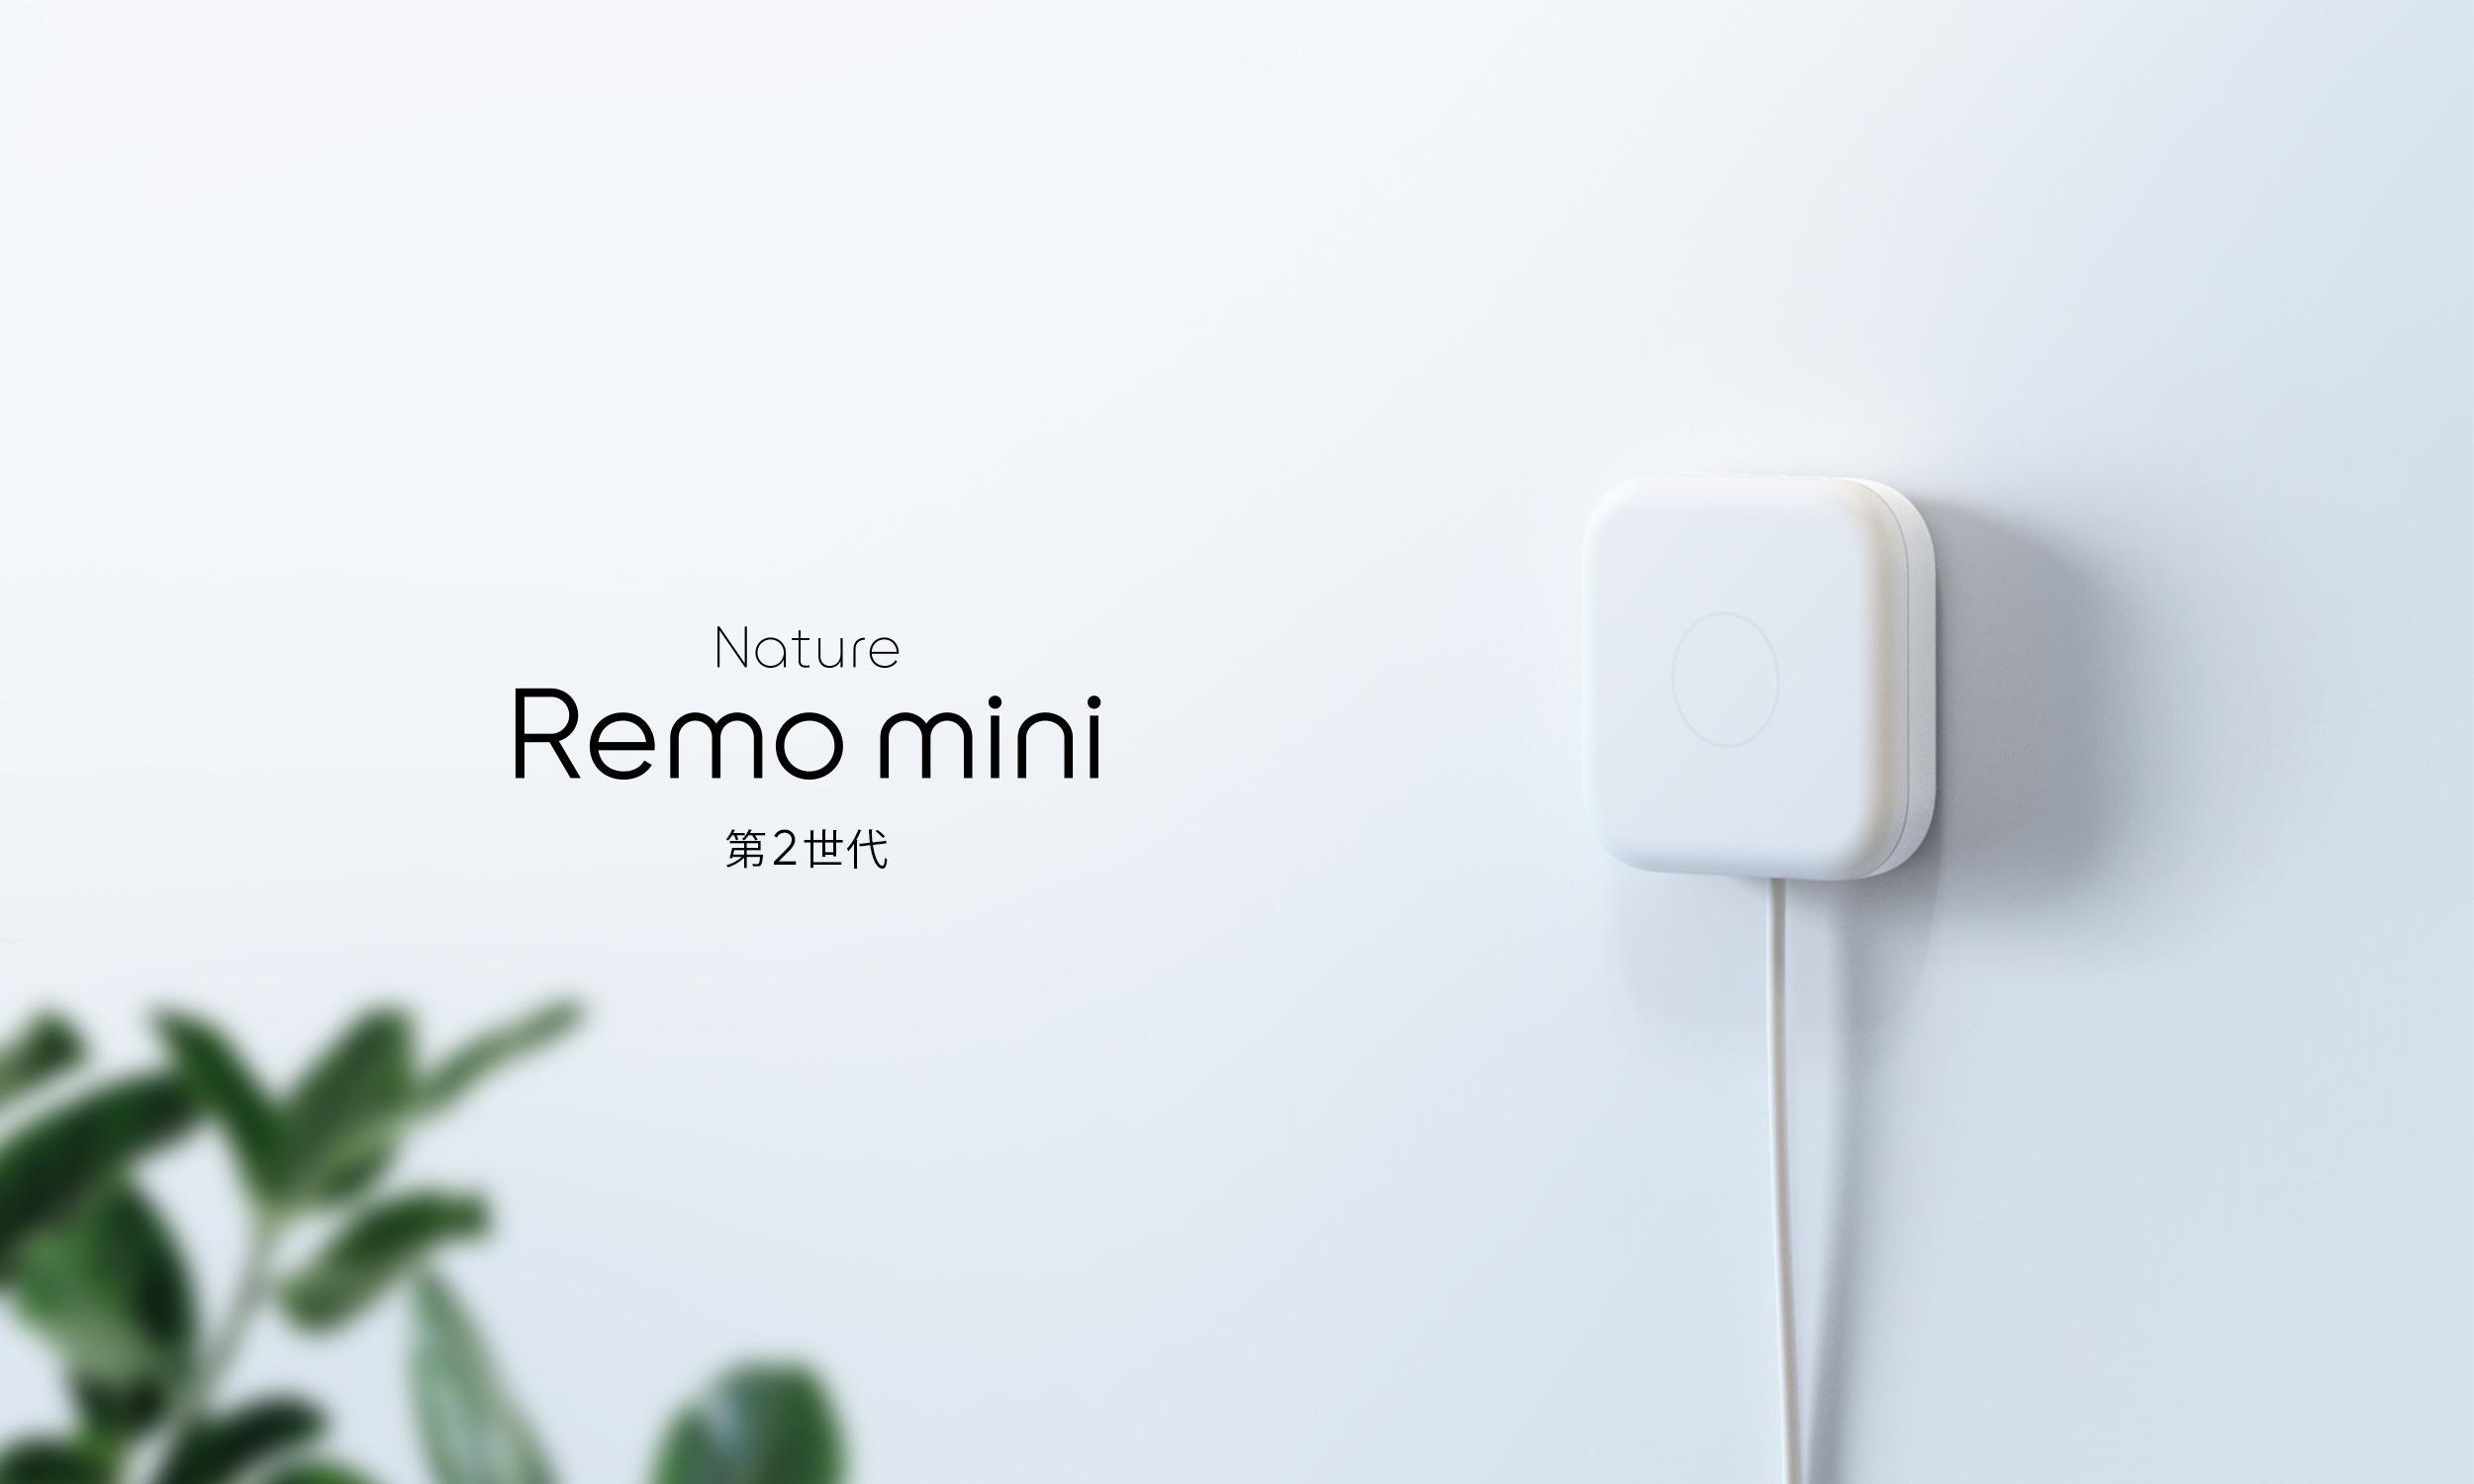 Nature Remo mini 2